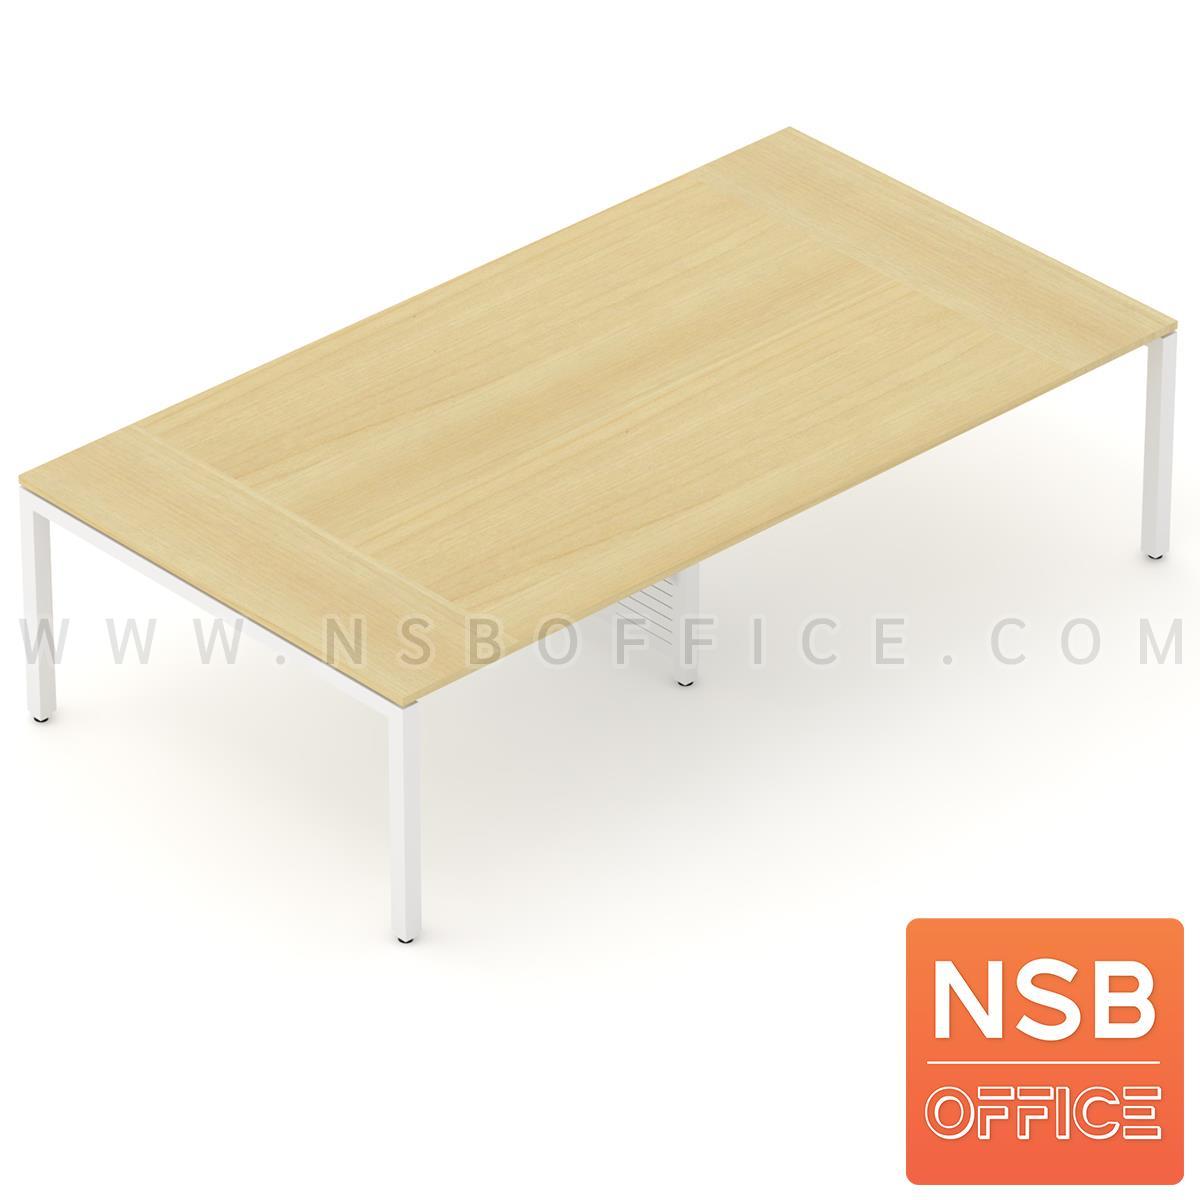 A05A086:โต๊ะประชุมทรงสี่เหลี่ยม 150D cm. รุ่น CONNEXX-051  ขากลางมีกล่องร้อยสาย